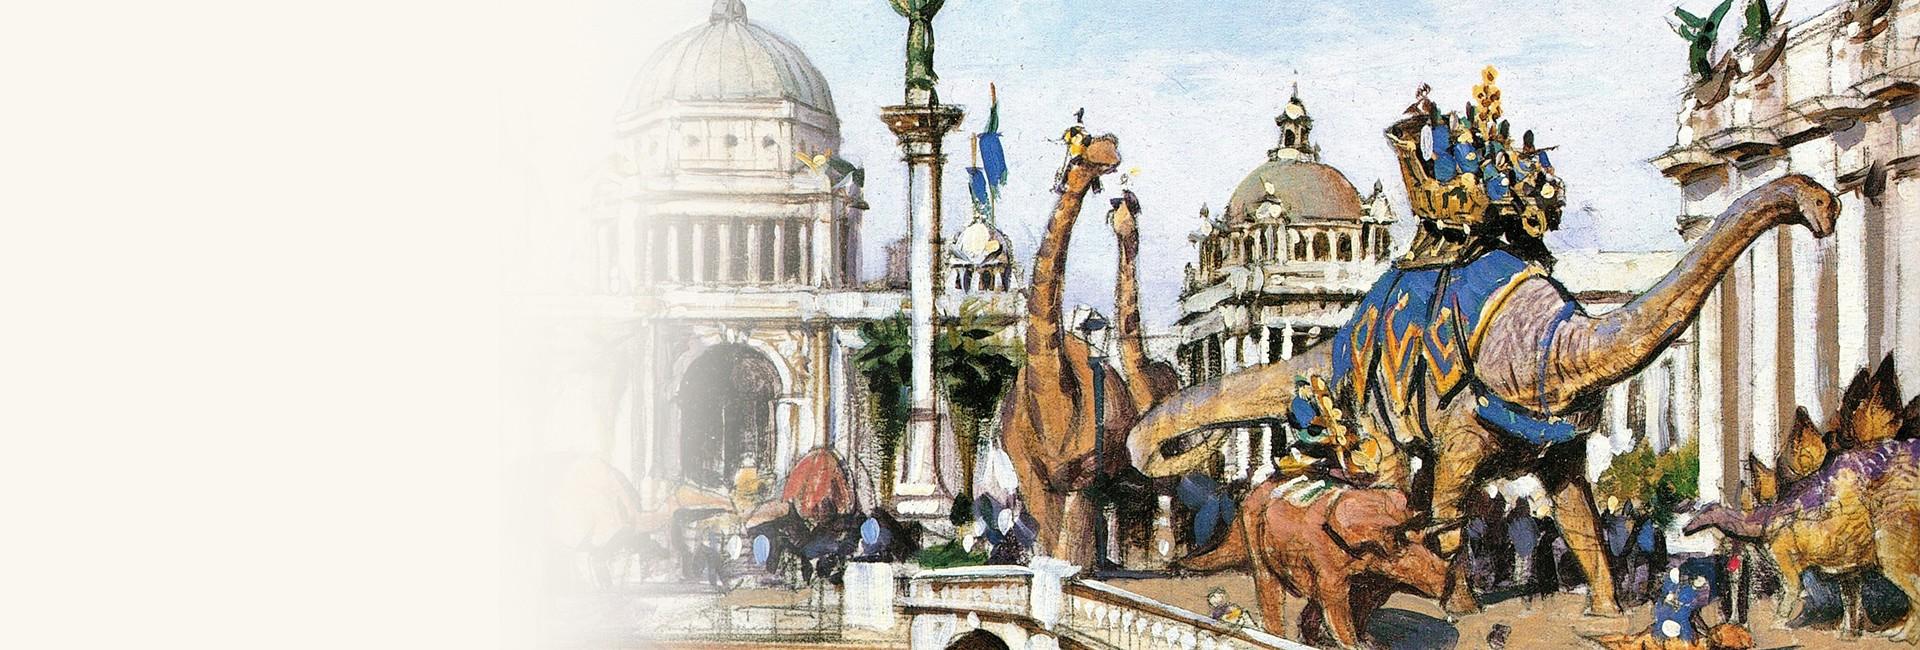 Dinotopie II.